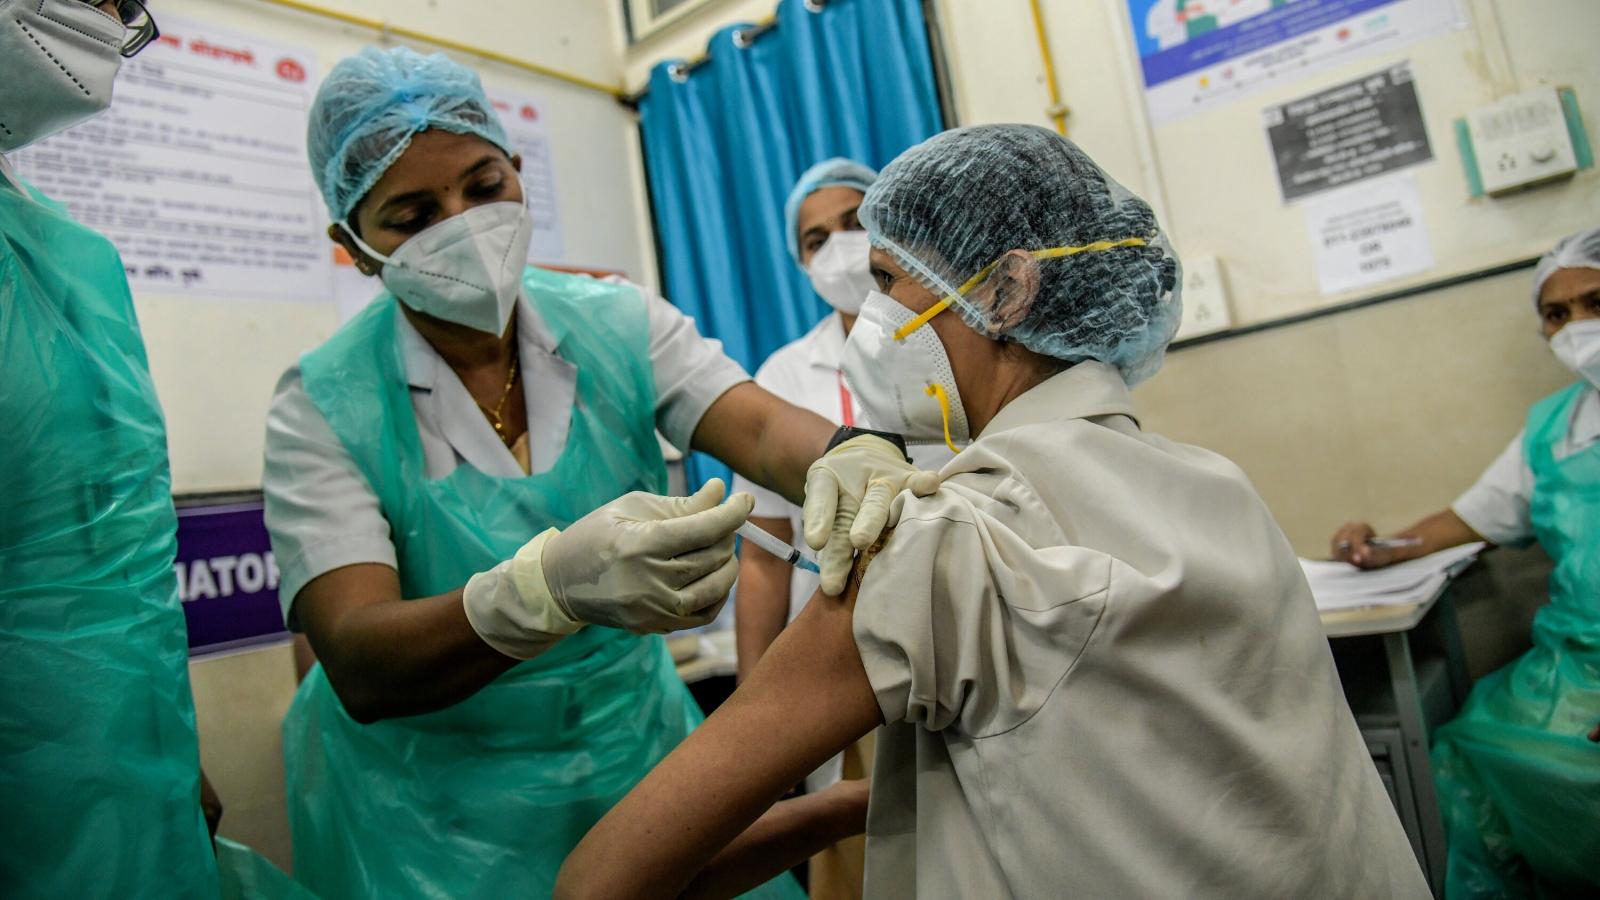 580 trường hợp phản ứng thuốc, 2 người tử vong sau 3 ngày tiêm vaccine Covid-19 ở Ấn Độ